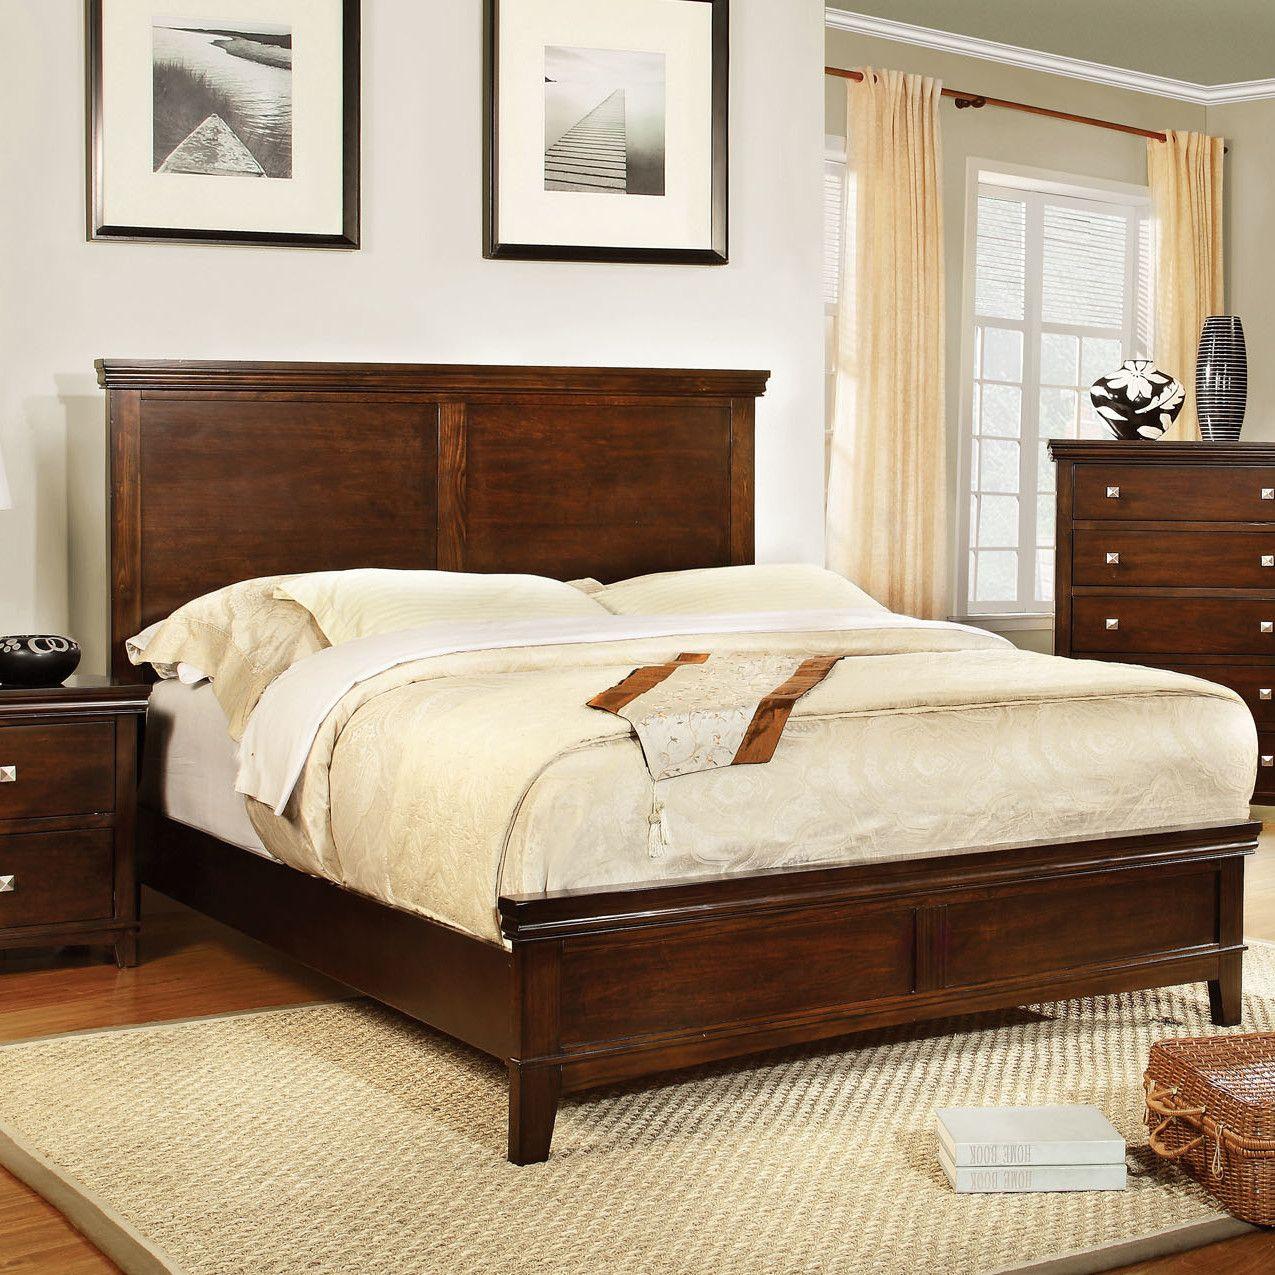 Awesome Hokku Designs Bellwood Panel Bed U0026 Reviews | Wayfair